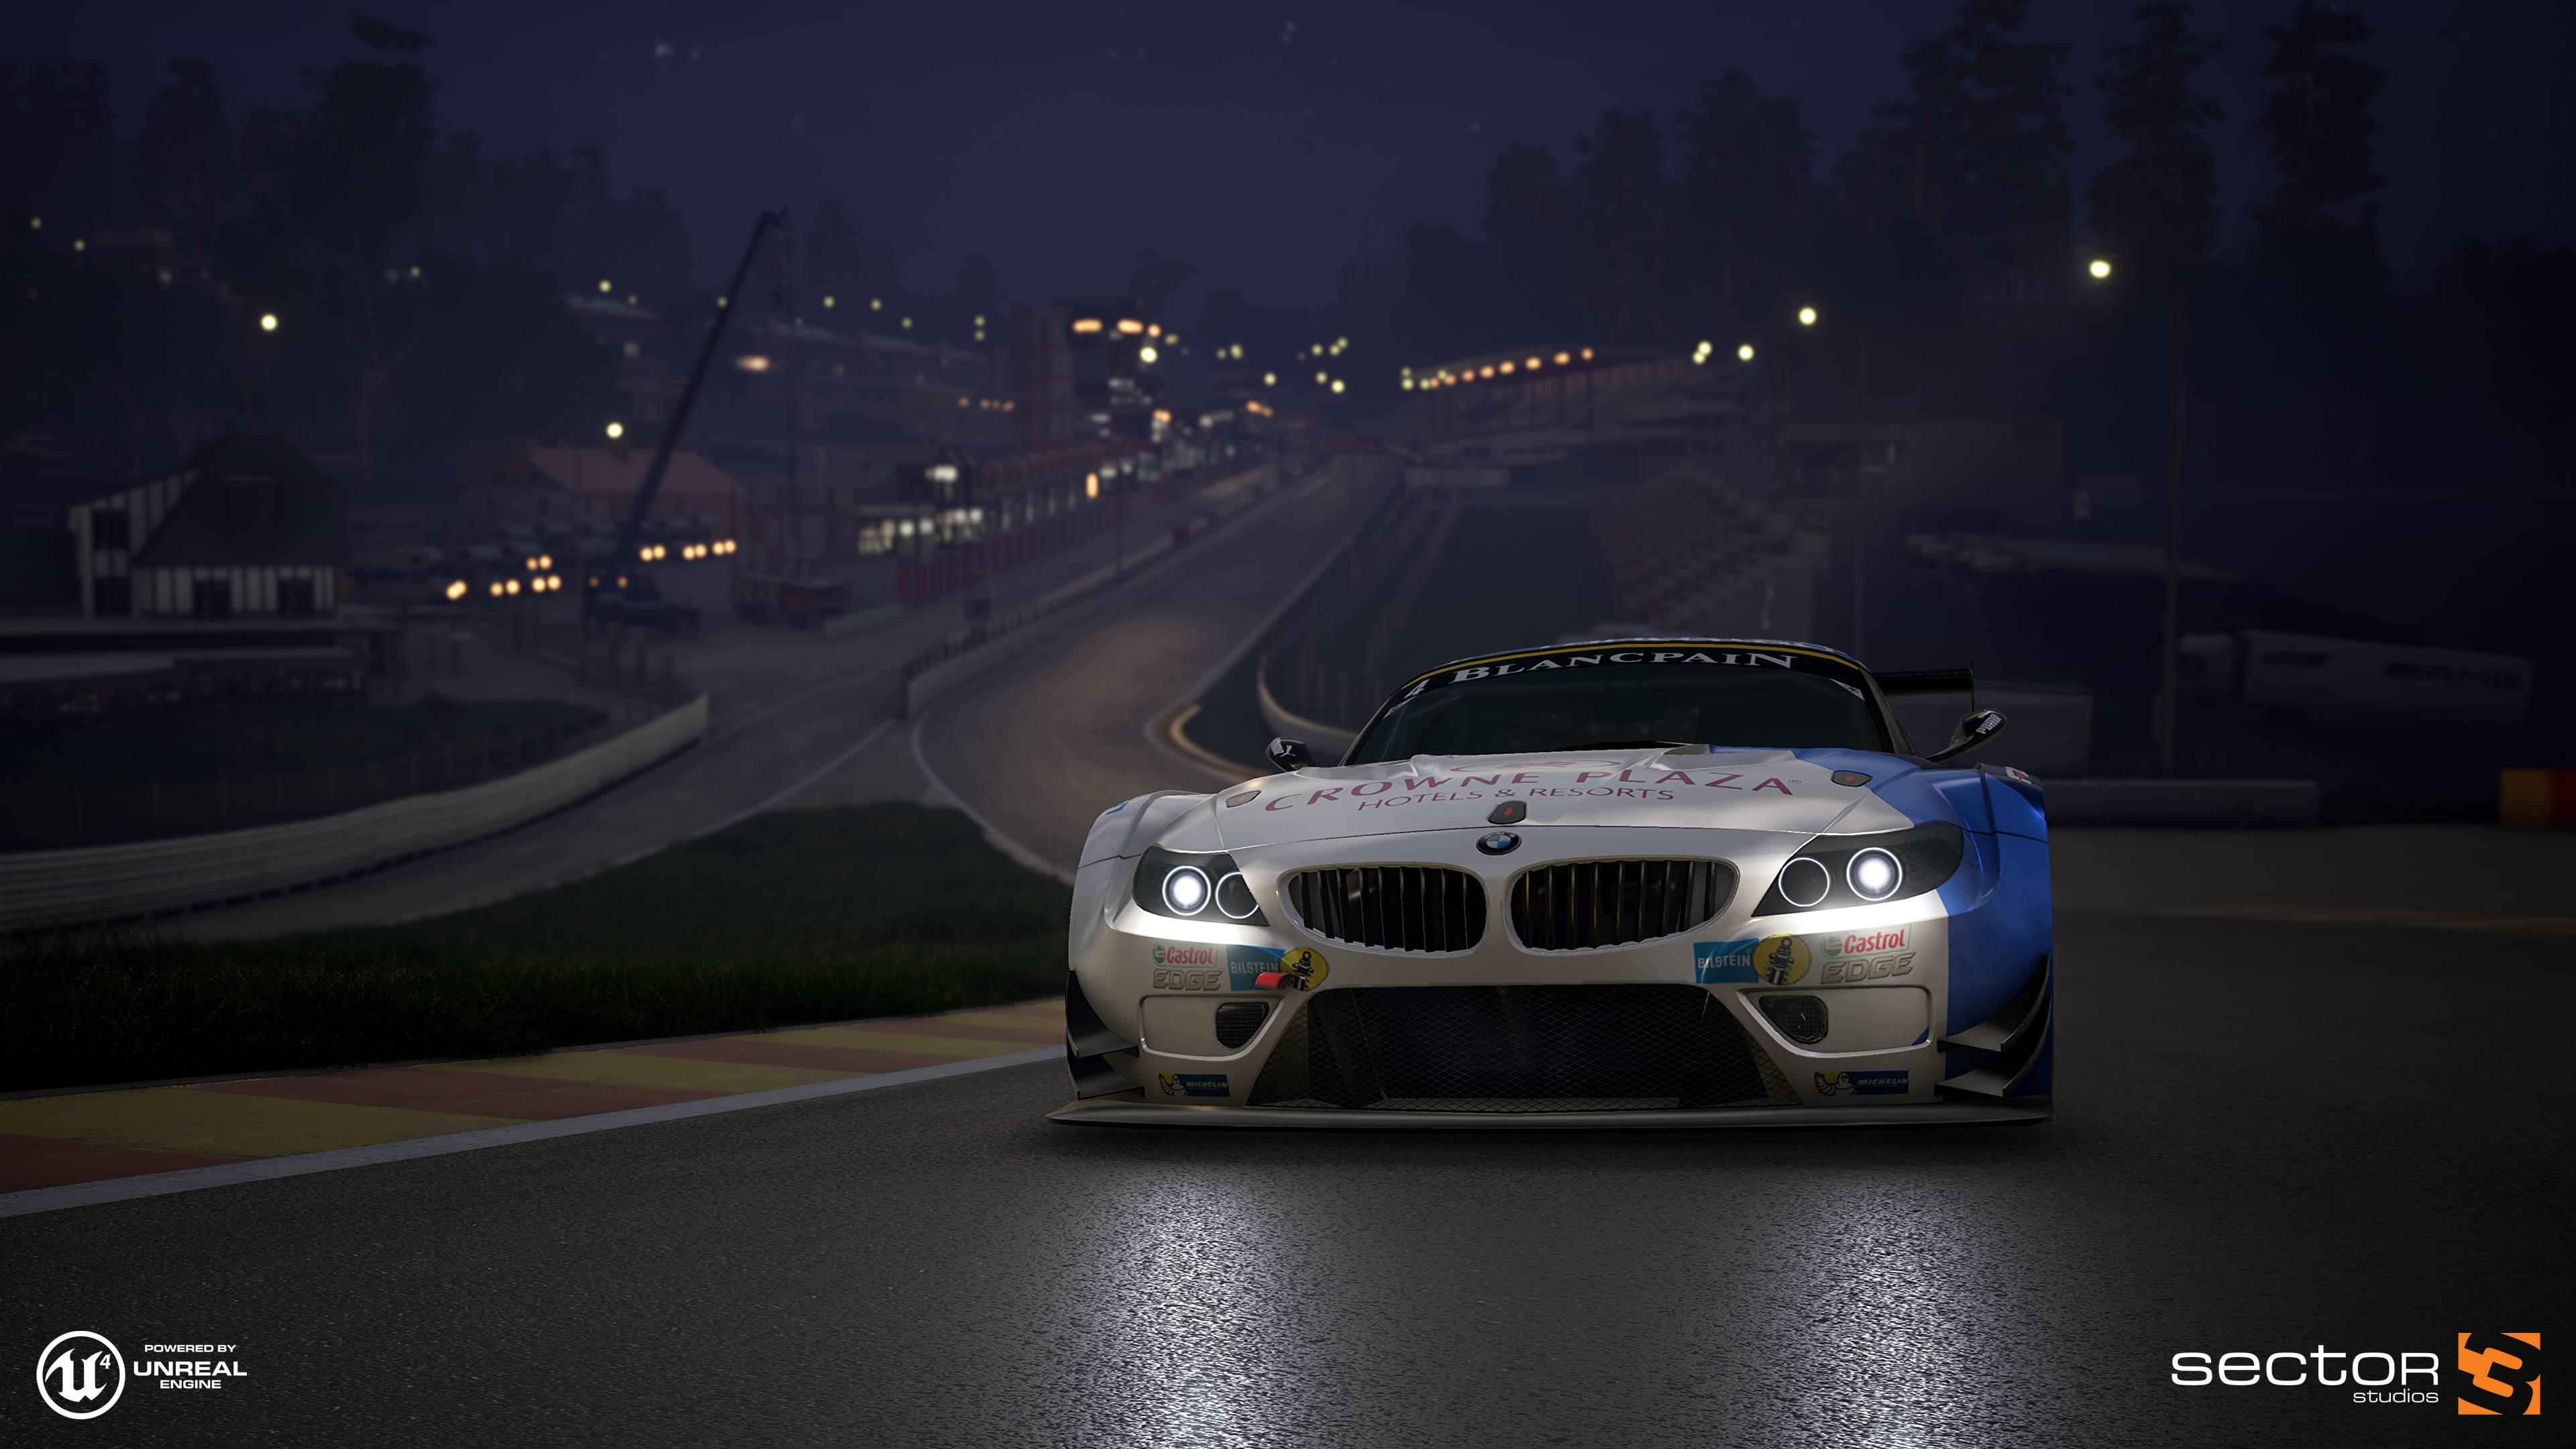 Vr Brille Für Raceroom : Vr brille für raceroom force motion die plattform für sim racing